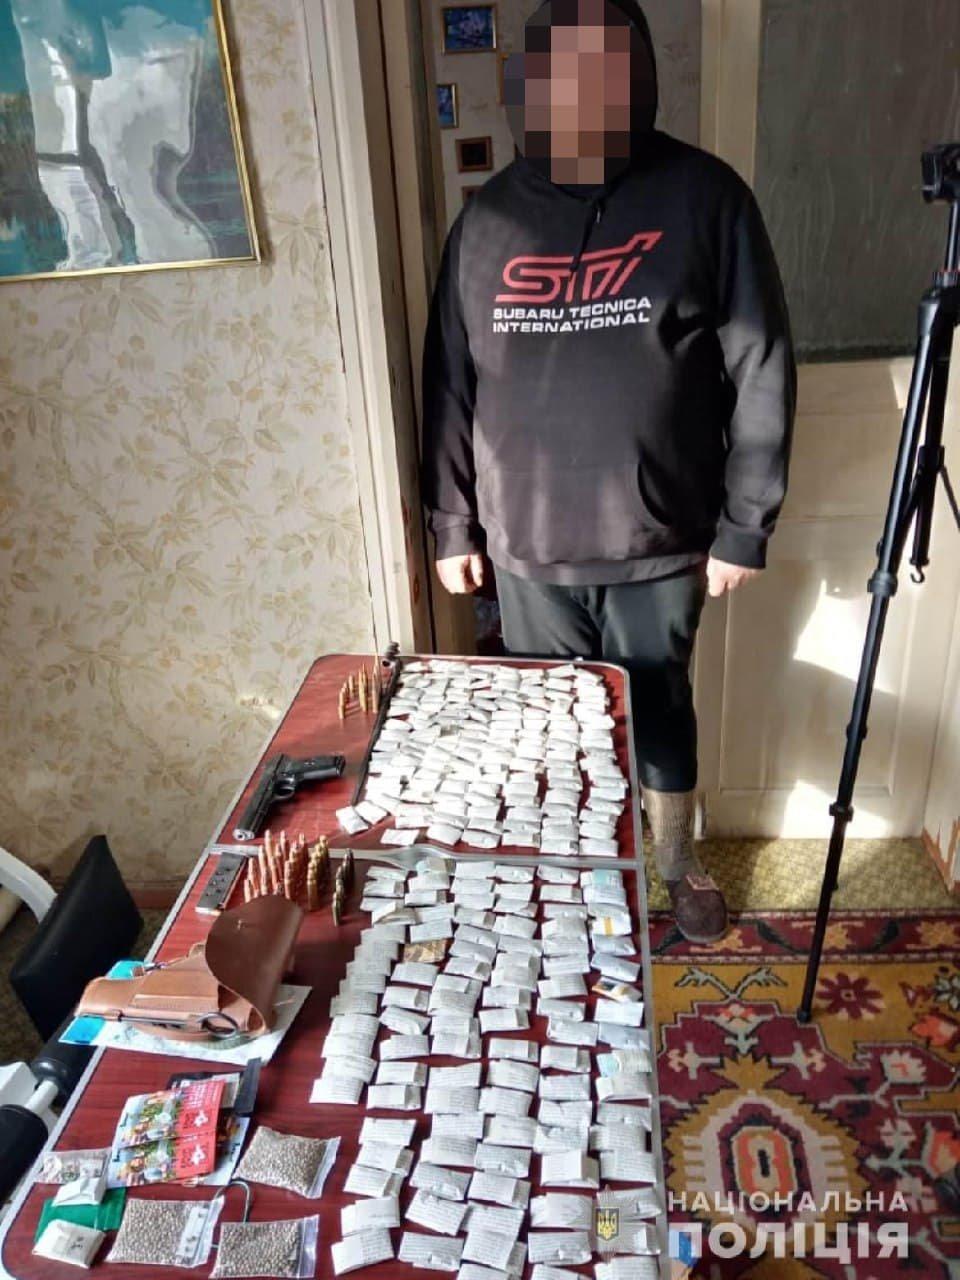 Хранил 236 пакетиков с наркотиками, оружие и металлоискатель: на Харьковщине «копы» задержали мужчину, - ФОТО, фото-1